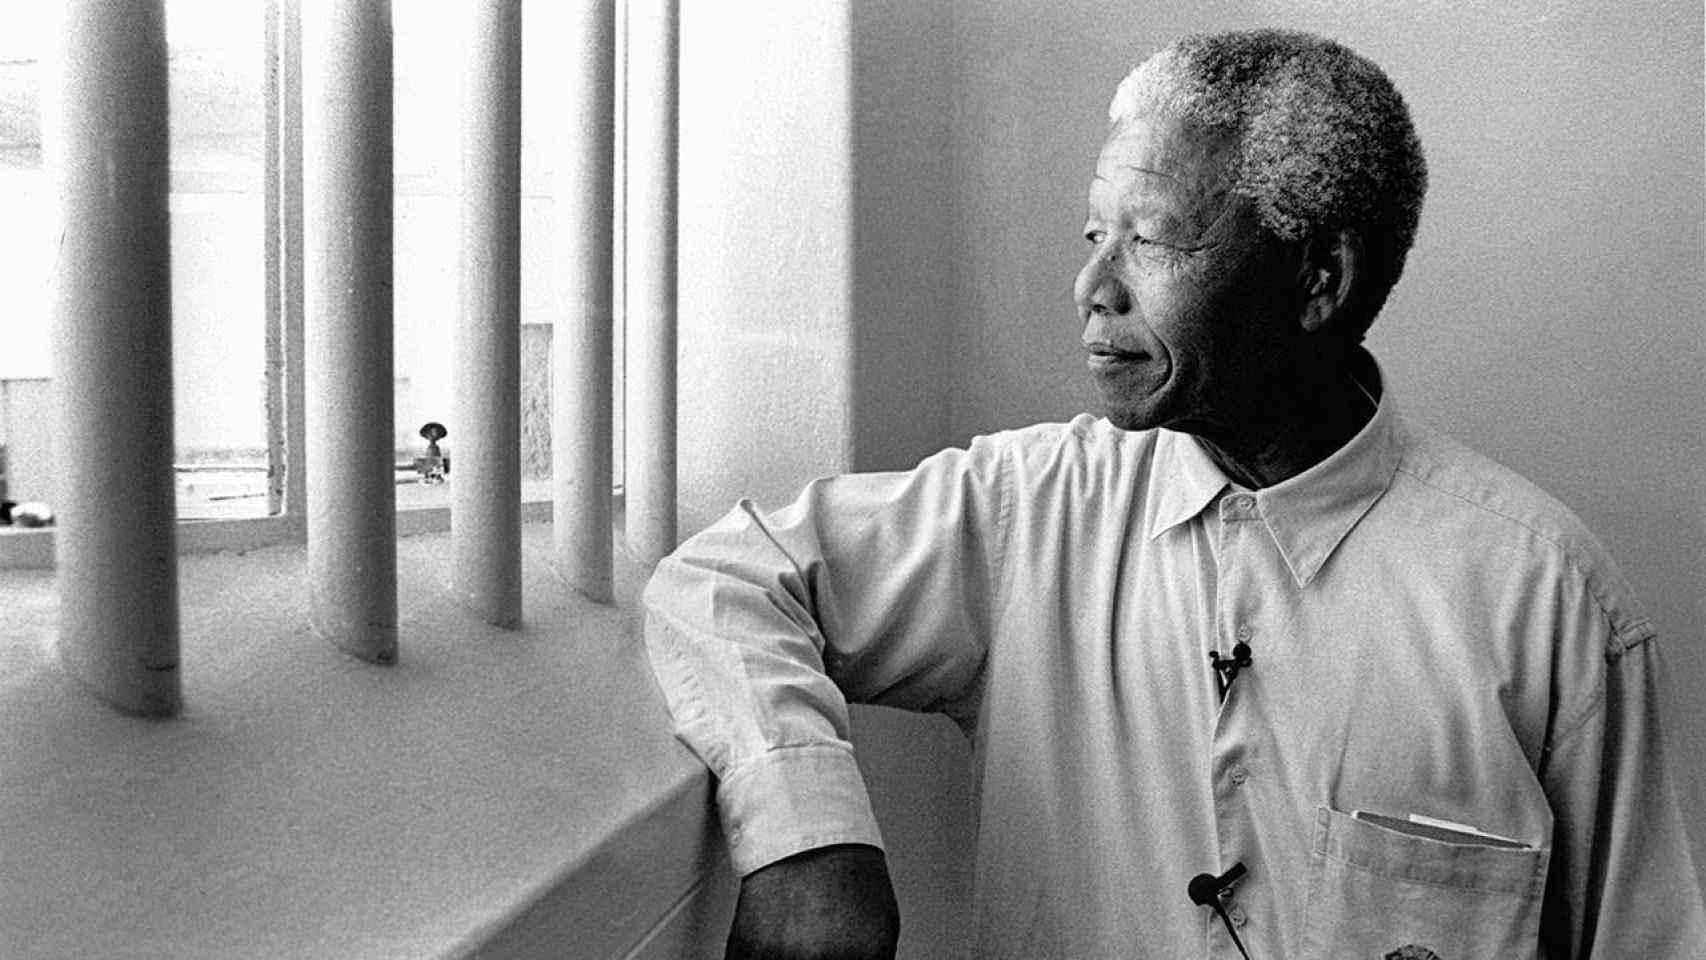 Nelson Mandela visitando la celda en la que estuvo encerrado 18 años.